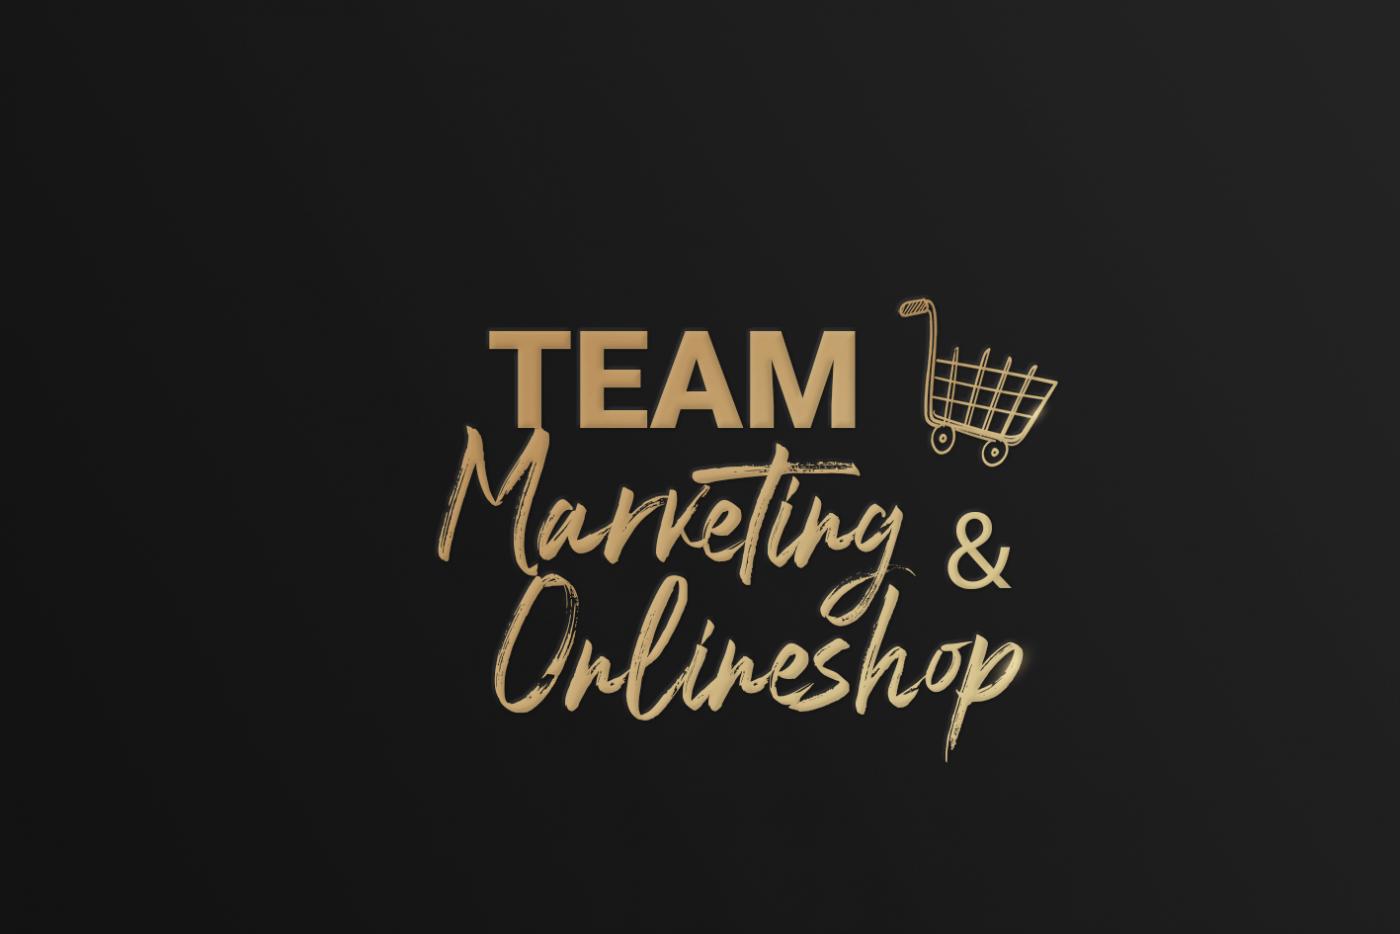 Kachel Abteilungen Marketing Onlineshop 1400x934 - Karriere